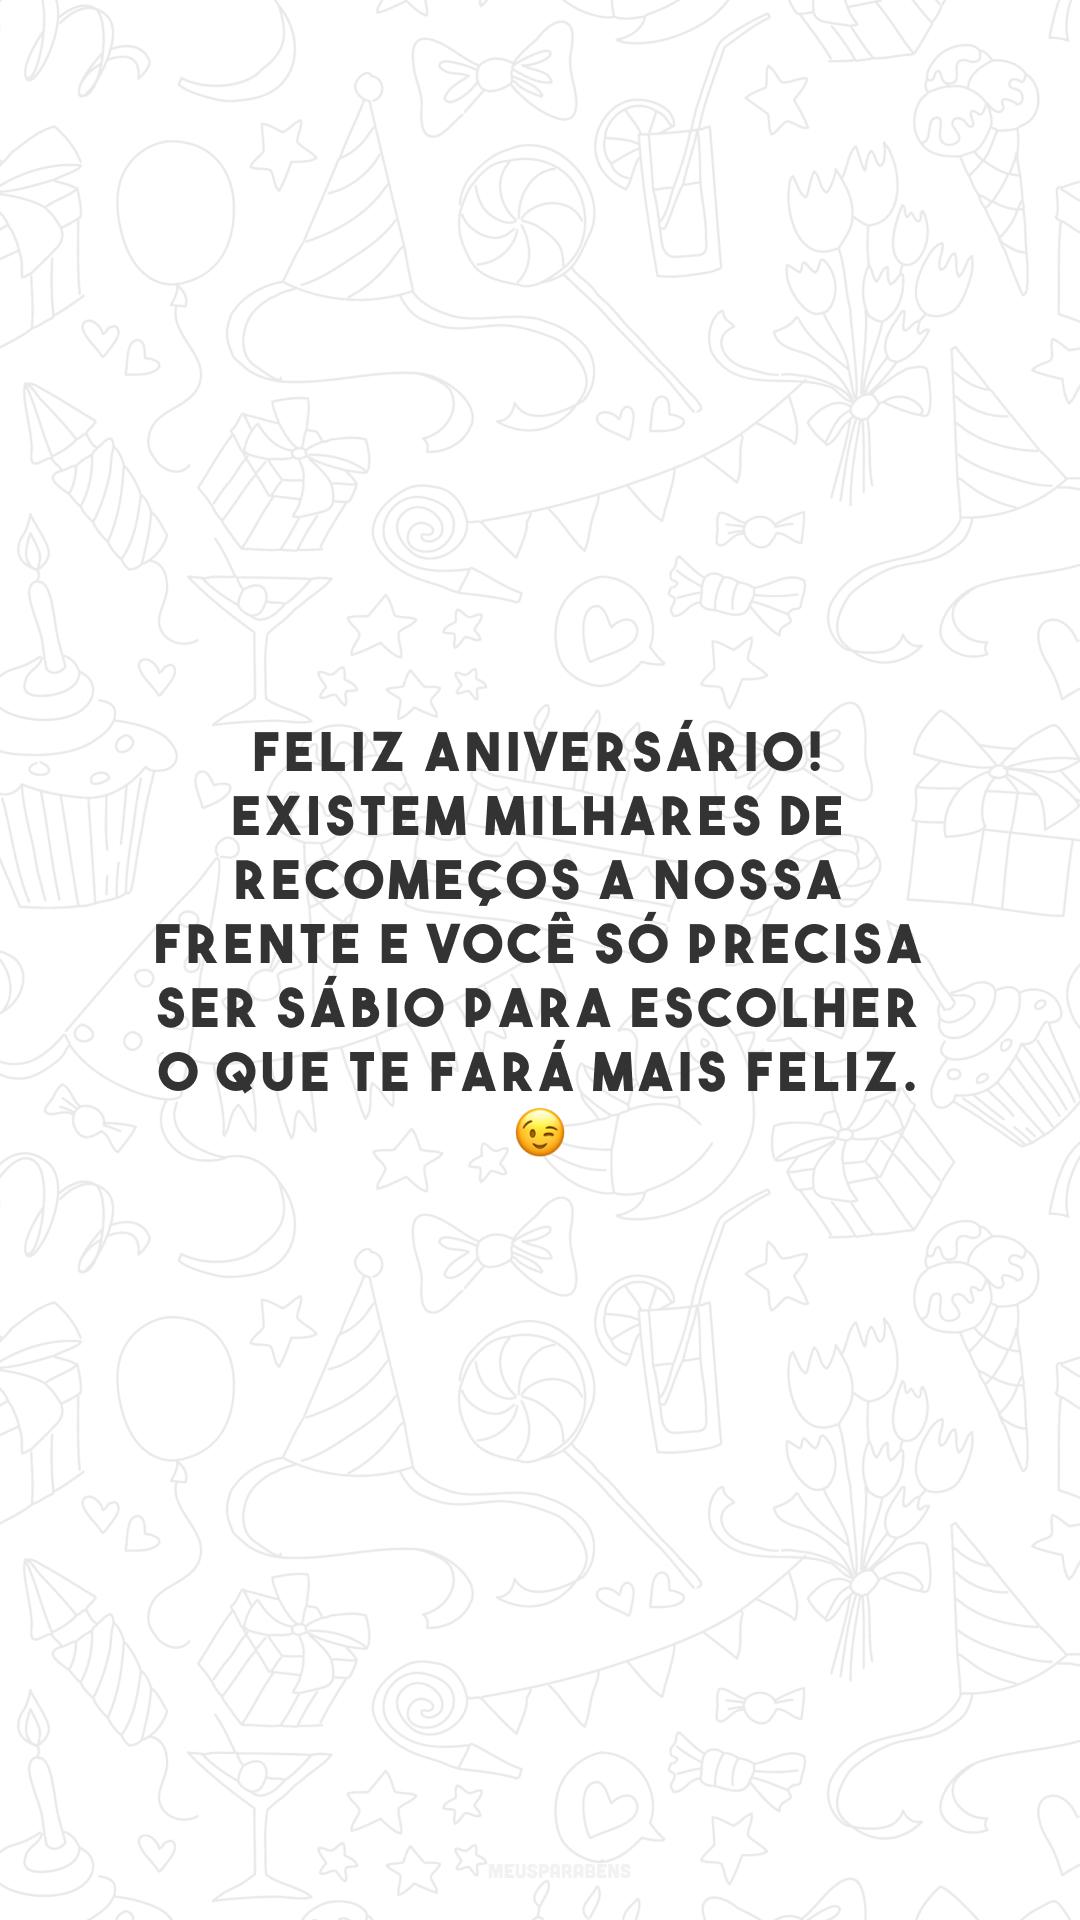 Feliz aniversário! Existem milhares de recomeços a nossa frente e você só precisa ser sábio para escolher o que te fará mais feliz. 😉